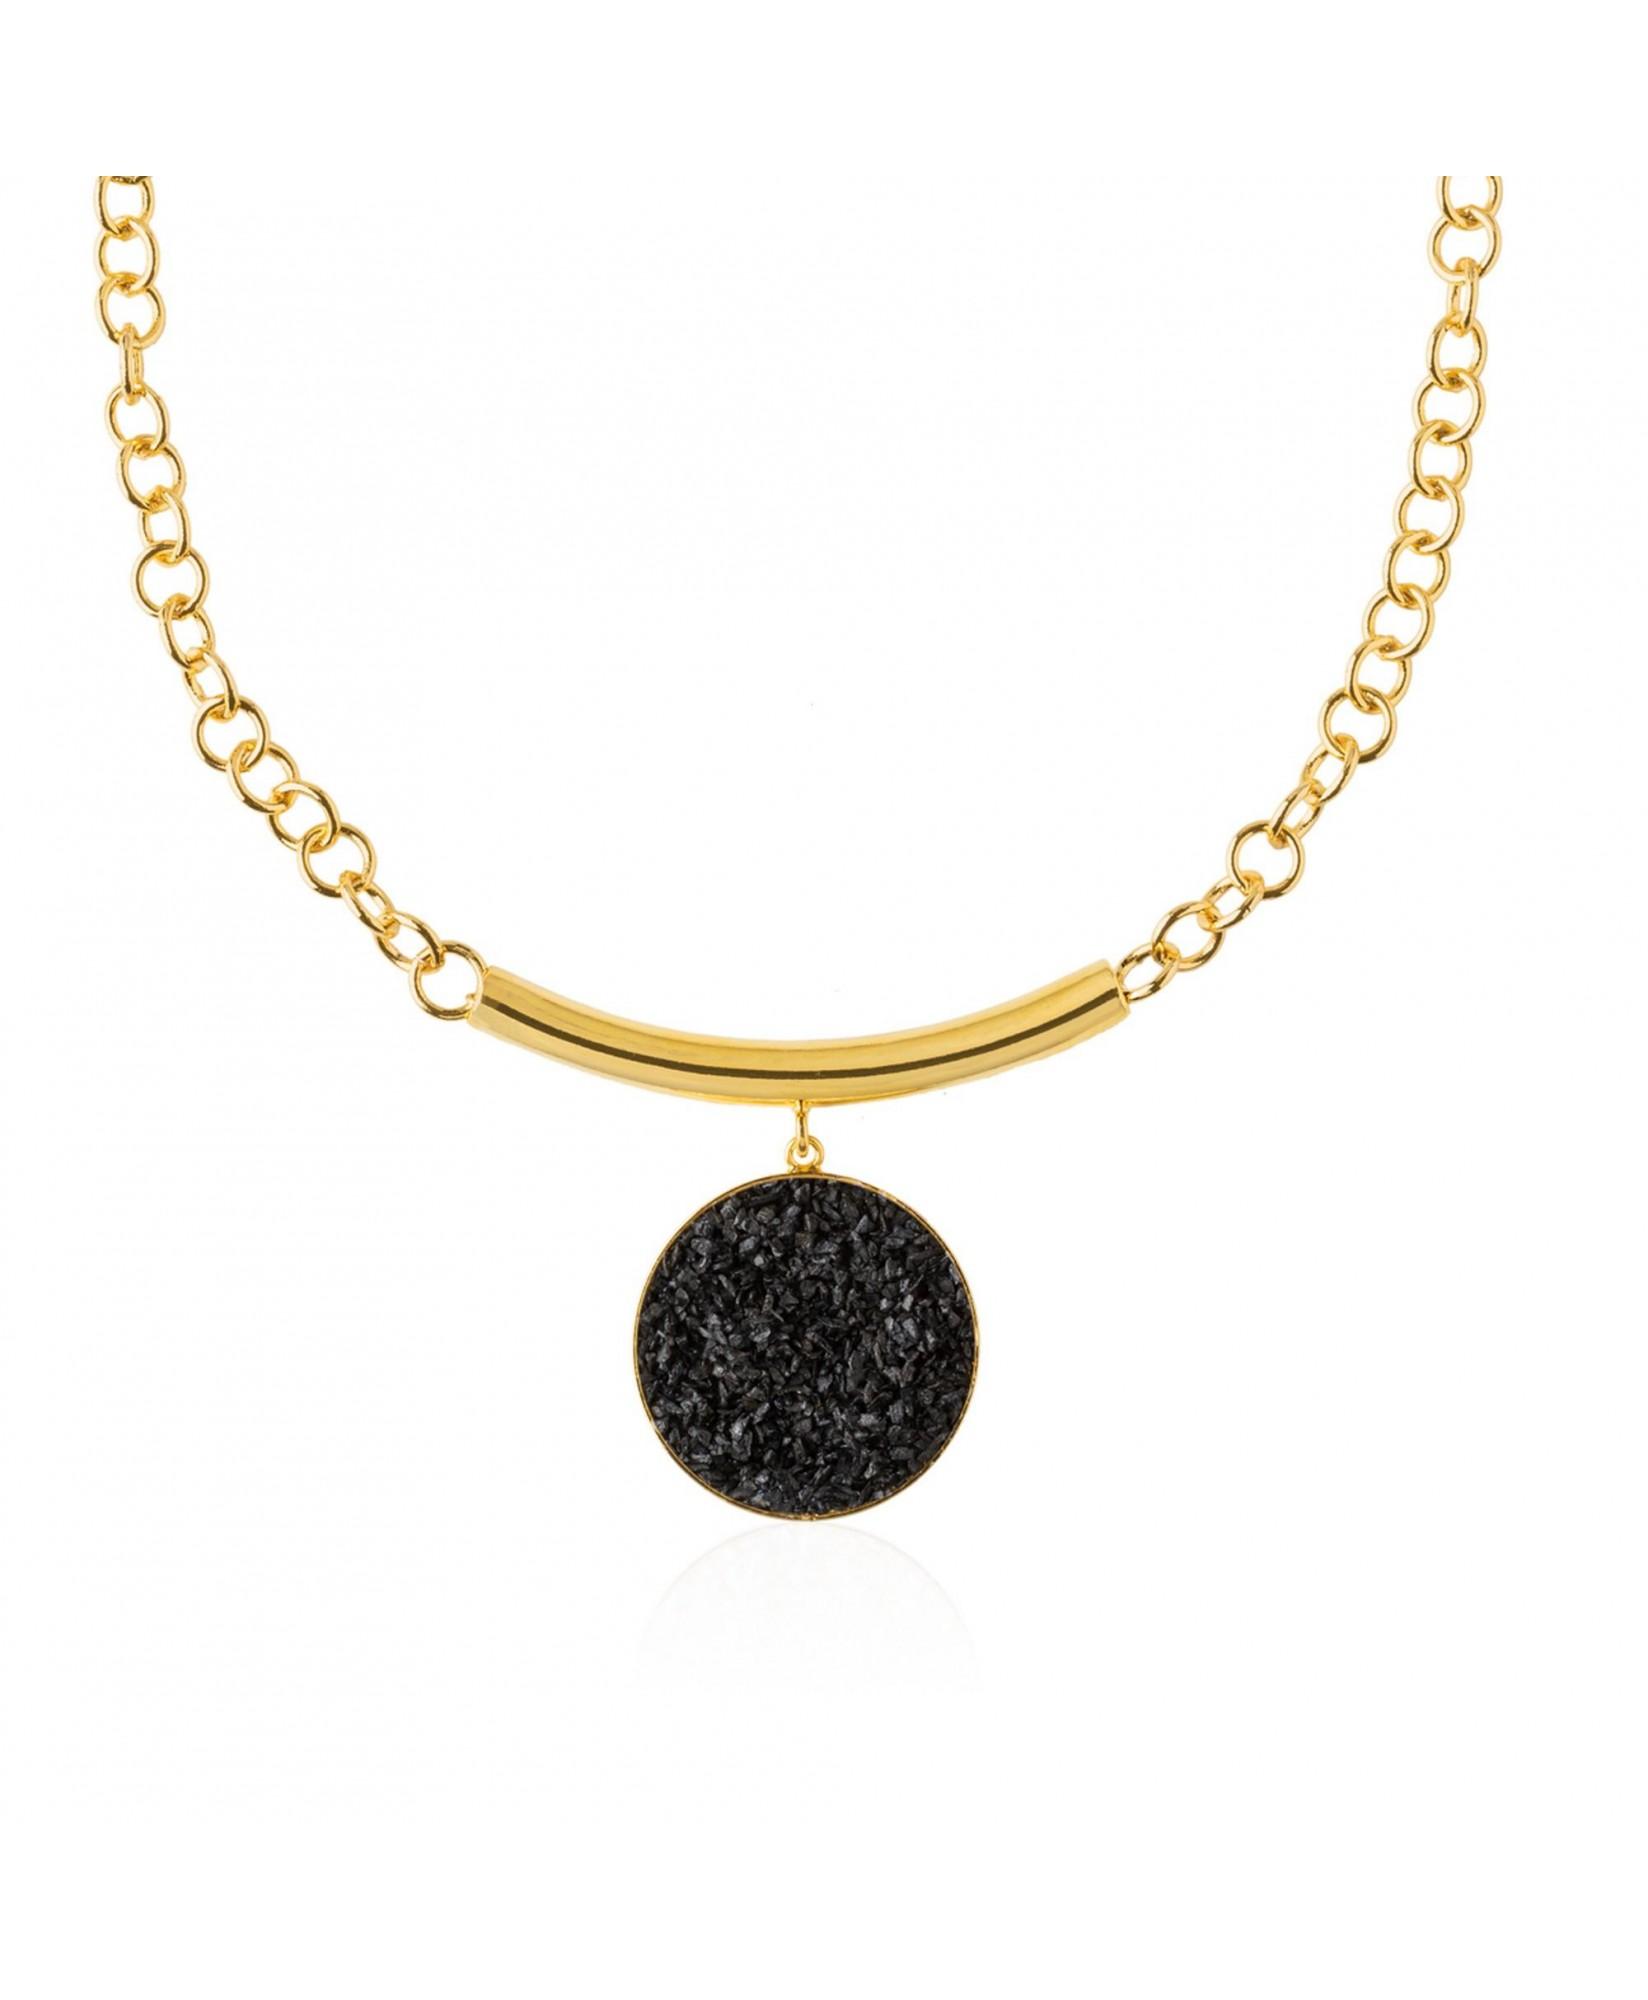 Collar oro y nácar negro Nix con colgante Collar oro y nácar negro Nix con colgante